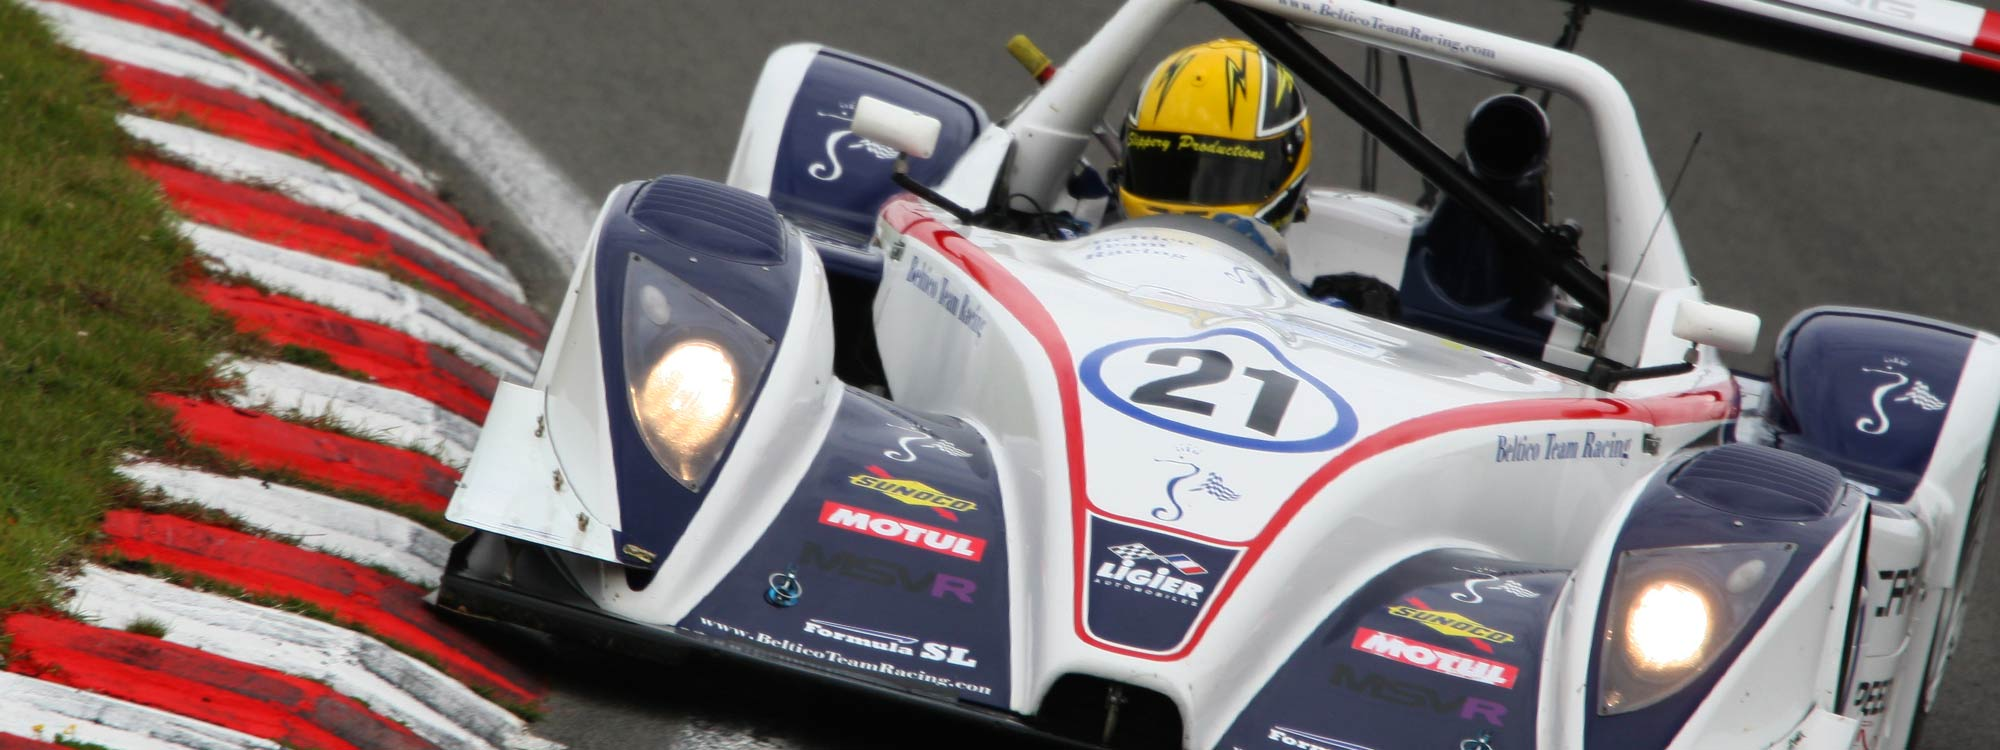 Lee Cunningham - Racing Career & CV